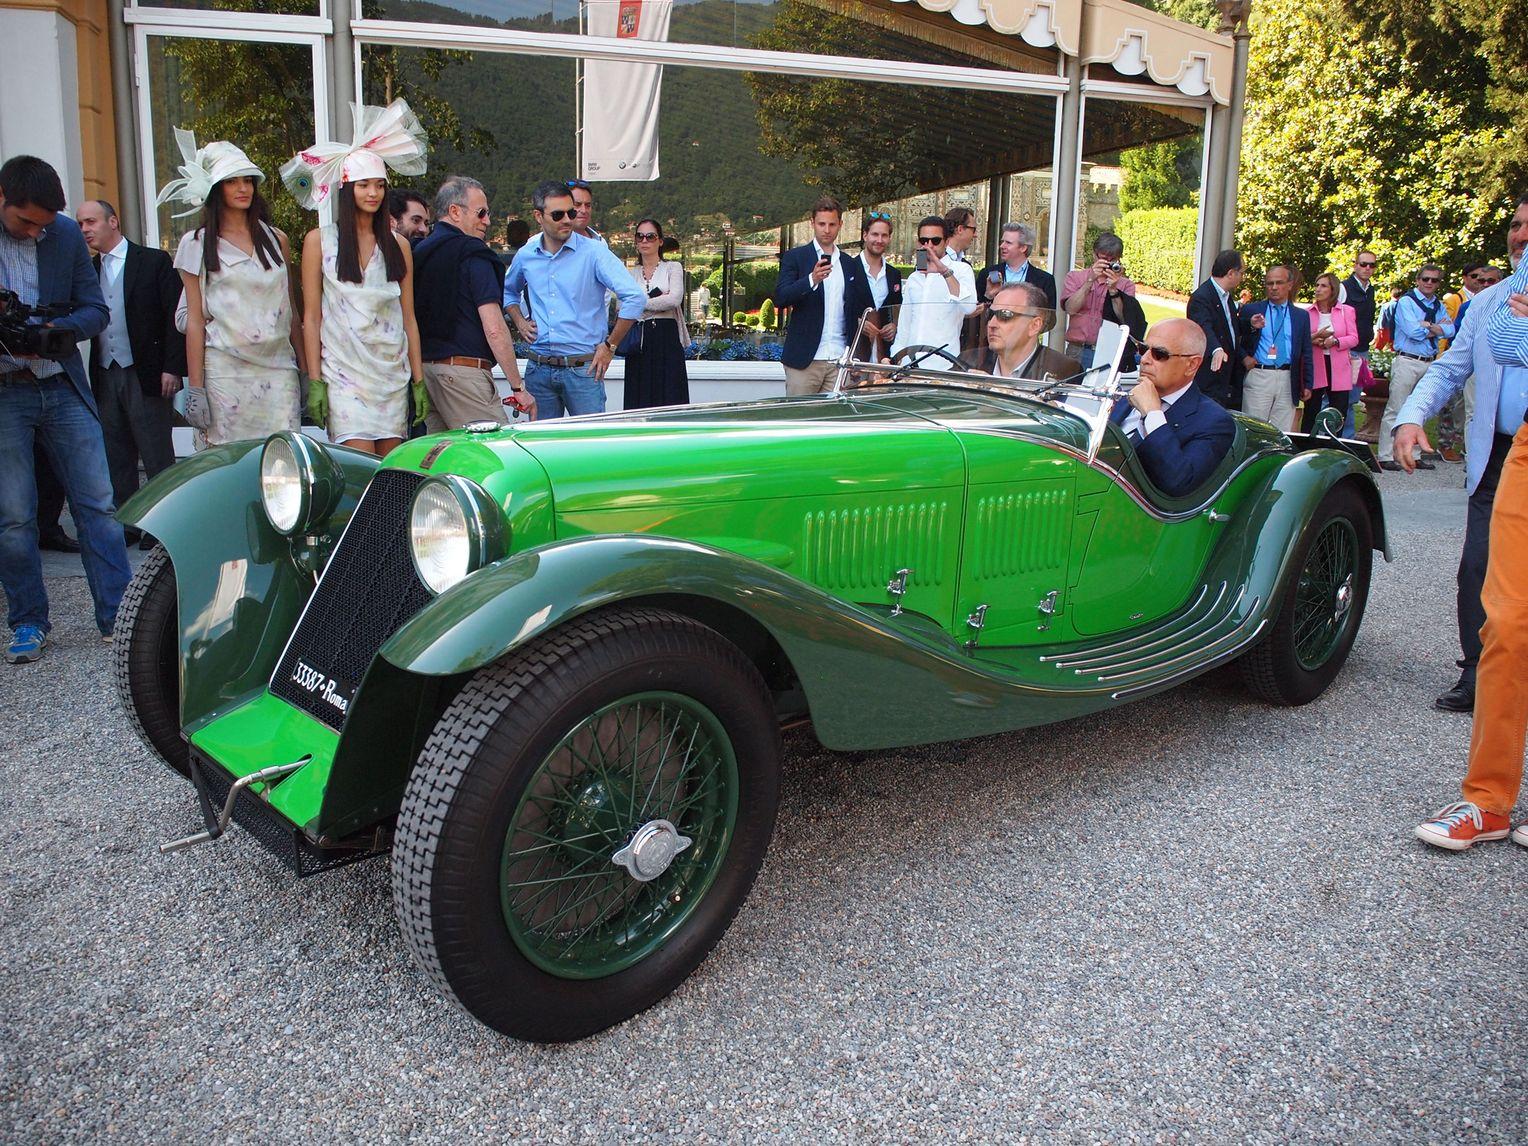 100 Jahre Maserati: Rennautos, Sportwagen, Luxuslimousinen ...